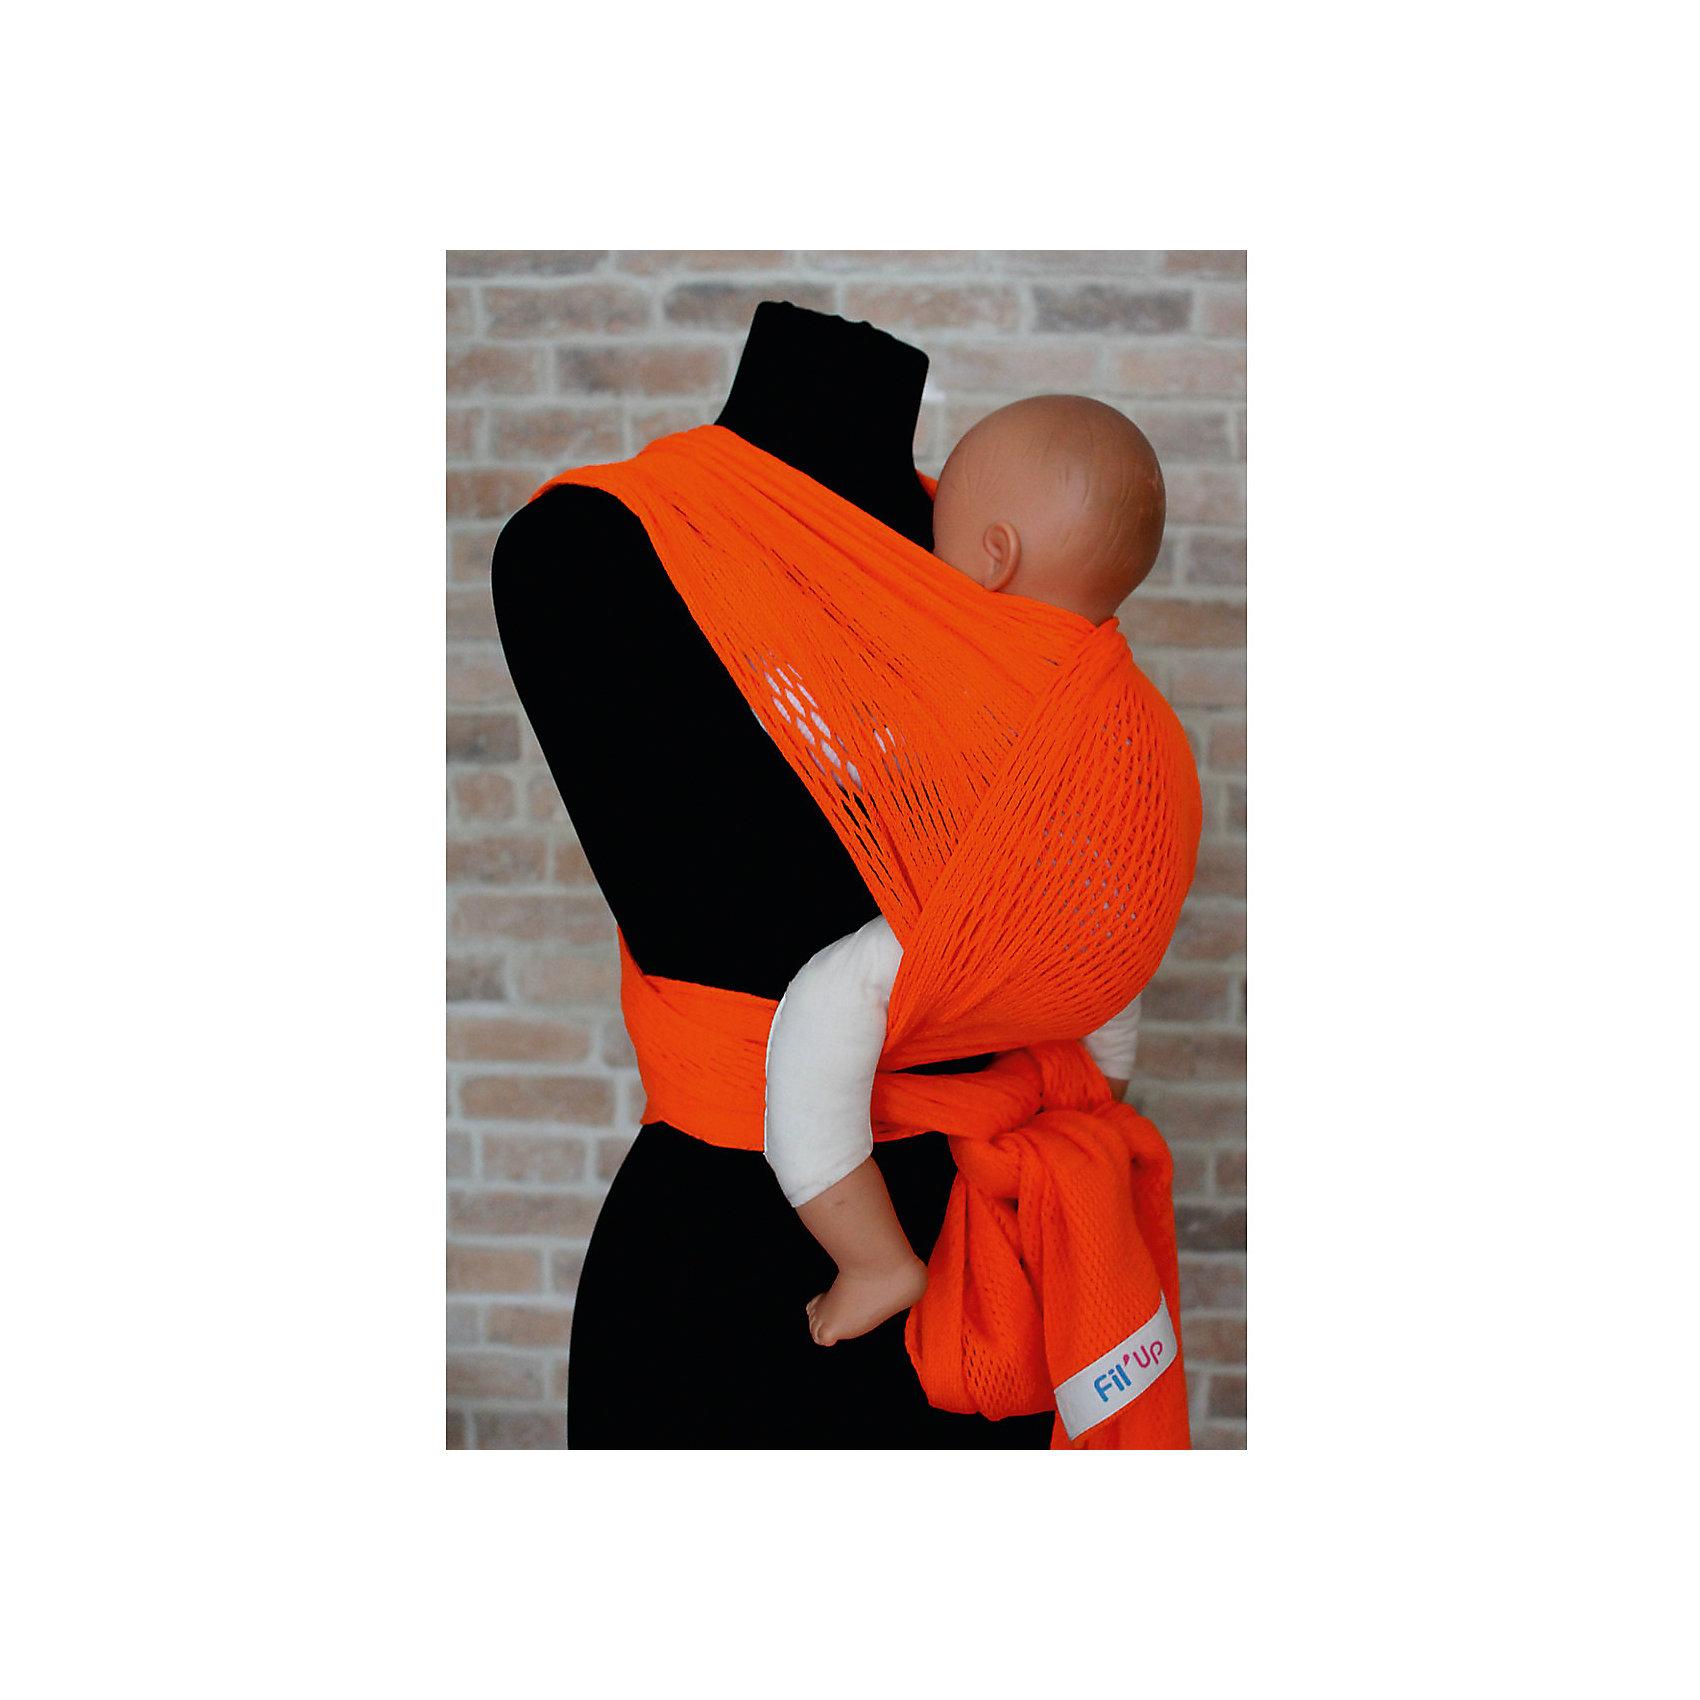 Слинг-шарф из хлопка плетеный размер l-xl, Филап, Filt, оранжевыйСлинги и рюкзаки-переноски<br>Характеристики:<br><br>• разработан совместно с врачами-ортопедами;<br>• обеспечивает оптимальную поддержку ребенка;<br>• легко наматывается;<br>• два способа намотки: «простой крест» и «двойной крест»;<br>• равномерно распределяет нагрузку на спину;<br>• основное положение: лицом к маме;<br>• подходит для автоматической стирки при температуре 30 градусов;<br>• сумочка в комплекте;<br>• цвет: оранжевый;<br>• материал: хлопок;<br>• возраст ребенка: 3 месяца-2 года (до 15 кг);<br>• размер слинга: 4,8х0,5 м;<br>• размер упаковки: 24х26х7 см;<br>• вес: 430 грамм;<br>• страна бренда: Франция.<br><br>Слинг-шарф FilUp - прекрасный вариант для любого сезона. Главная особенность модели - сетчатое плетение из натурального хлопка. Такой вид полотна не позволит ребенку перегреться за счет отсутствия дополнительного слоя ткани, свойственного для обычных слингов.<br><br>Возможны три положения ребенка в слинге: лицом к маме, на боку и за спиной. Полотно слинг-шарфа легко растягивается и обладает необходимой упругостью для правильной посадки ребенка.<br><br>Концы слинга сделаны более узкими, чтобы вы могли убрать лишнюю ткань. Средняя, более широкая часть поддерживает ножки ребенка в позе «лягушки», что немаловажно для правильного развития тазобедренных суставов. <br><br>Слинг-шарф подходит для ручной и автоматической стирки при температуре 30 градусов. Длина полотна - 4,8 метра. Ширина полотна - 0,5 метра. Подходит для детей от 3-4-х месяцев до 1,5-2-х лет (весом до 15 килограммов). В комплект входит сумочка-авоська, которая подойдет для бутылочек, салфеток и прочих необходимых предметов.<br><br>Слинг-шарф из хлопка плетеный размер l-xl, Филап, Filt (Филт), оранжевый можно купить в нашем интернет-магазине.<br><br>Ширина мм: 800<br>Глубина мм: 800<br>Высота мм: 50<br>Вес г: 500<br>Возраст от месяцев: 0<br>Возраст до месяцев: 12<br>Пол: Унисекс<br>Возраст: Детский<br>SKU: 5445093